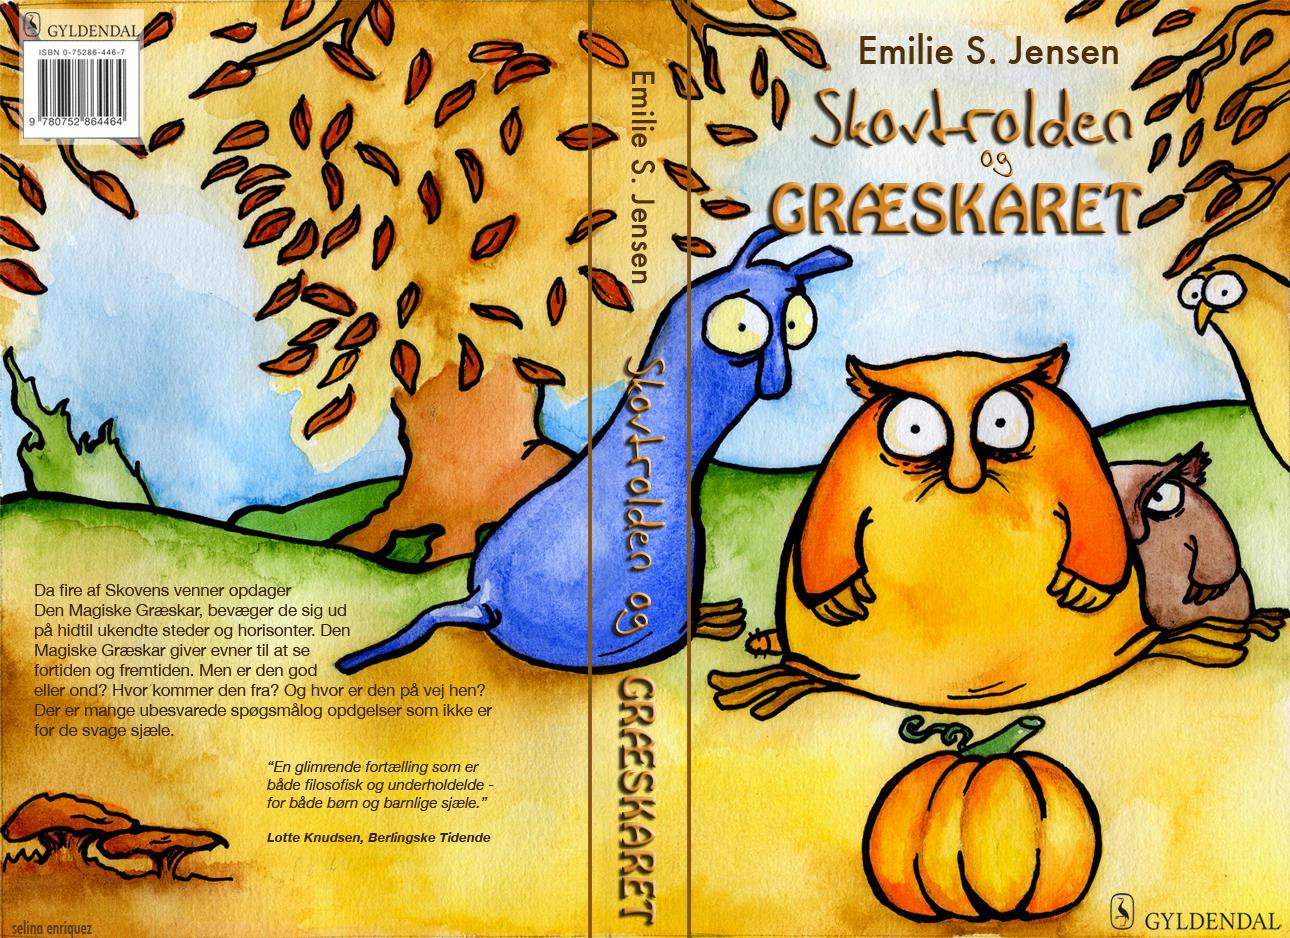 Children S Book Cover Canvas Art : Children s book cover by wearethegodsnow on deviantart